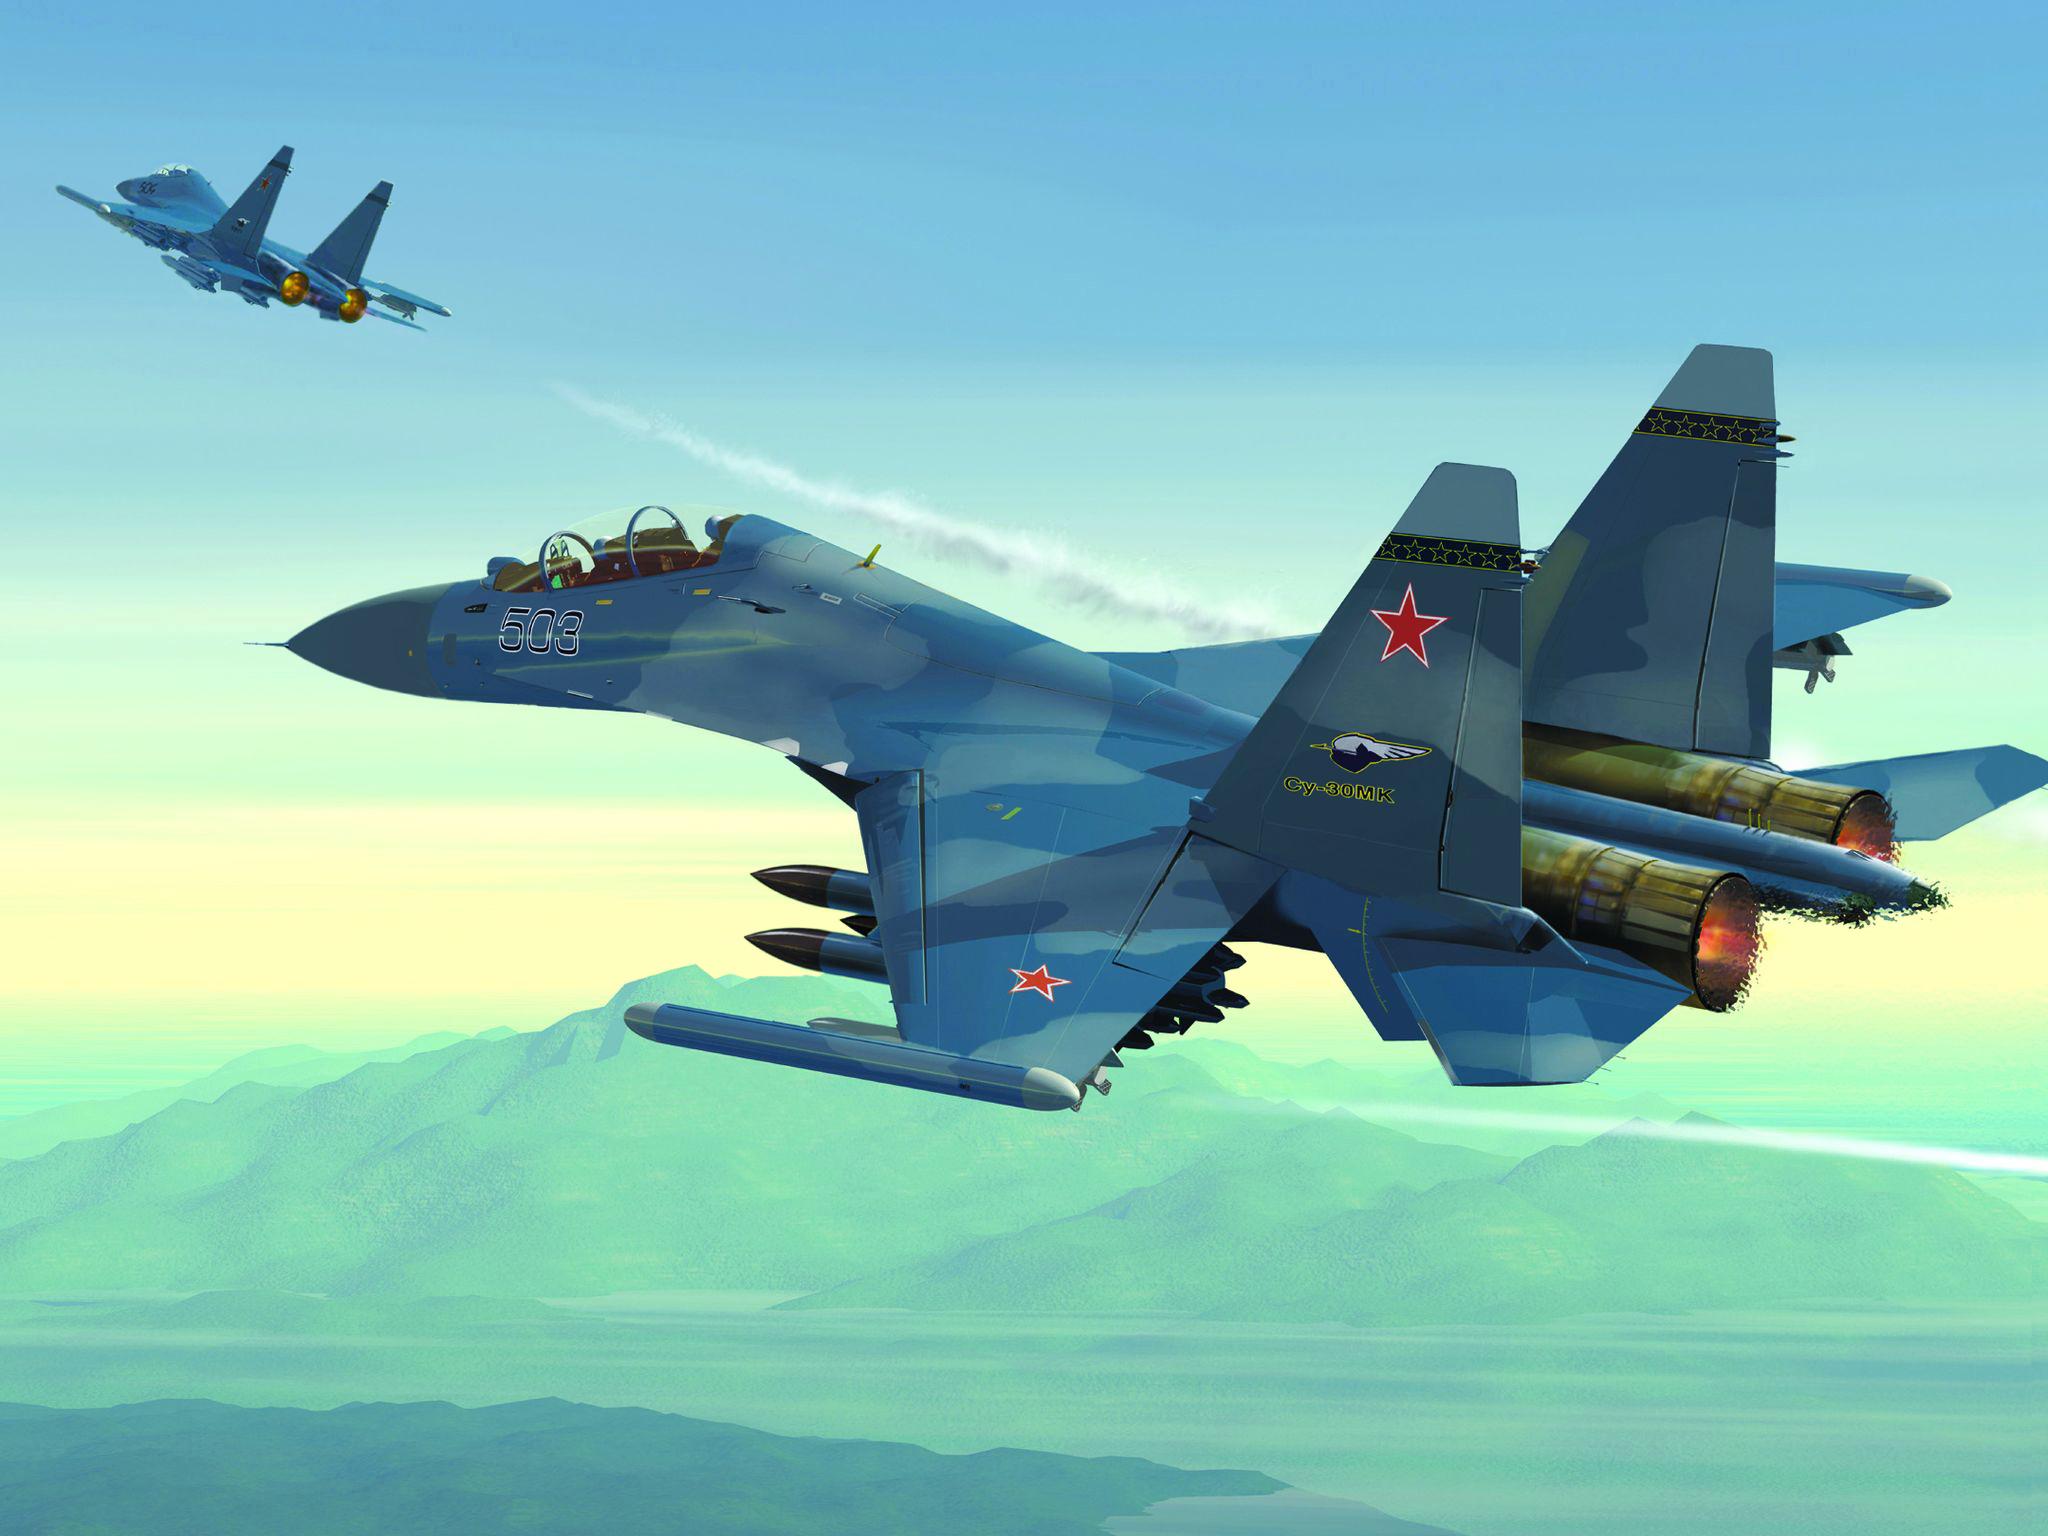 Обои на рабочий стол 1920х1080 авиация россии